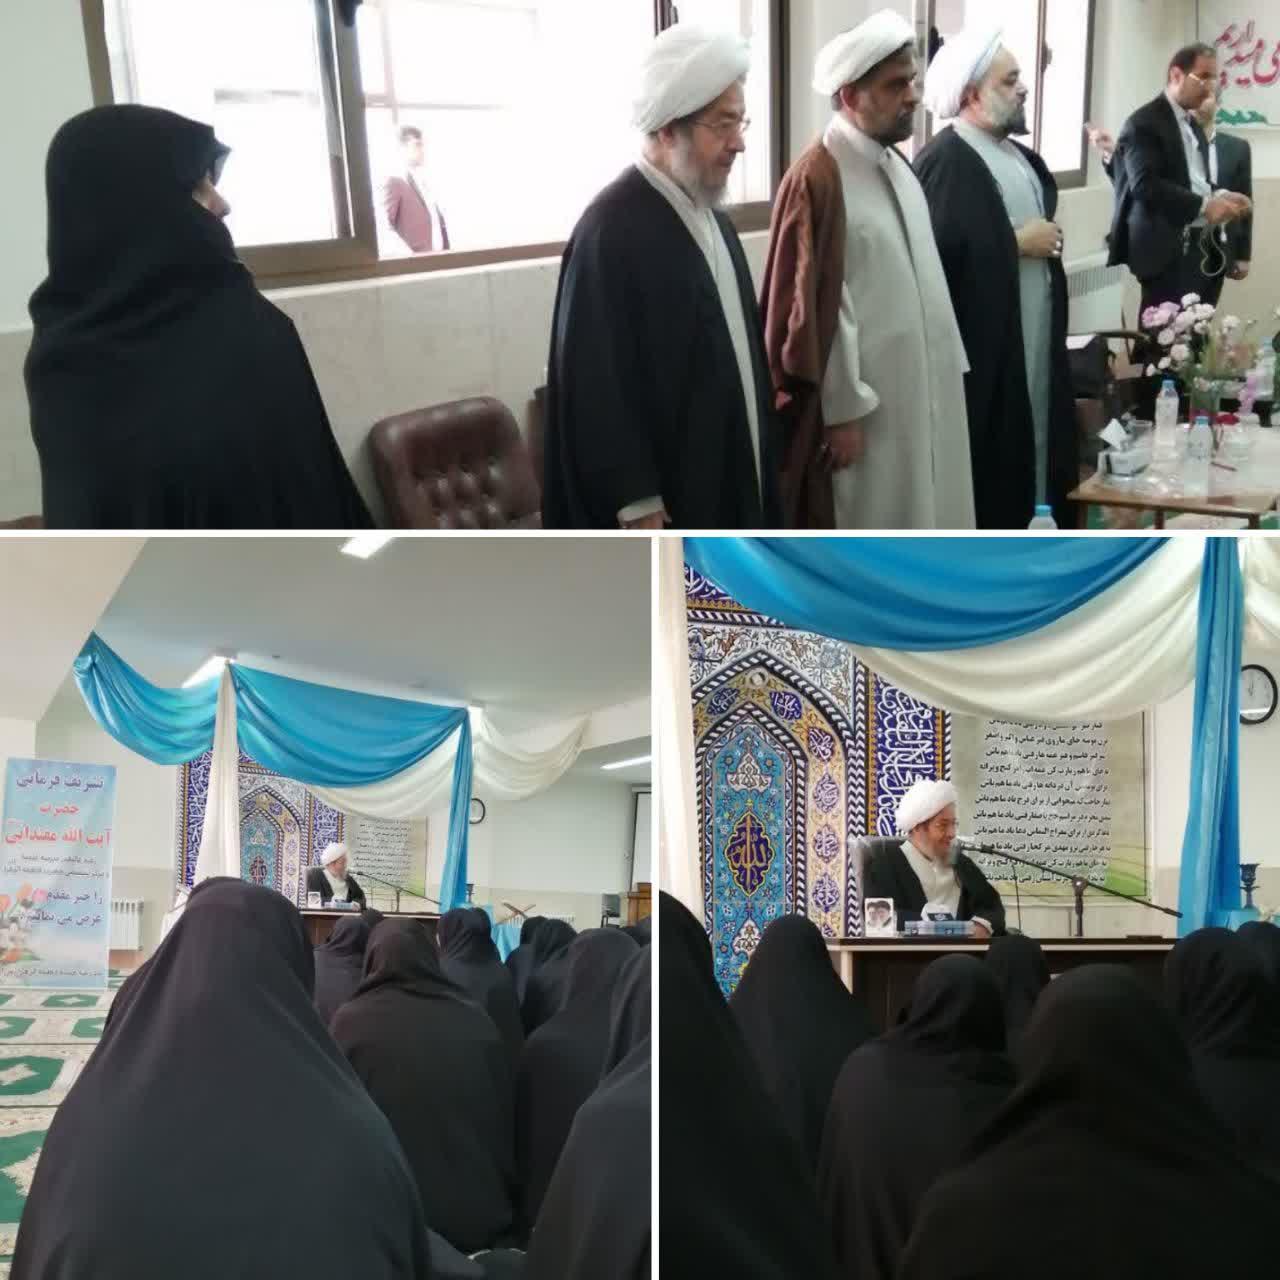 فاطمه الزهرا اصفهان